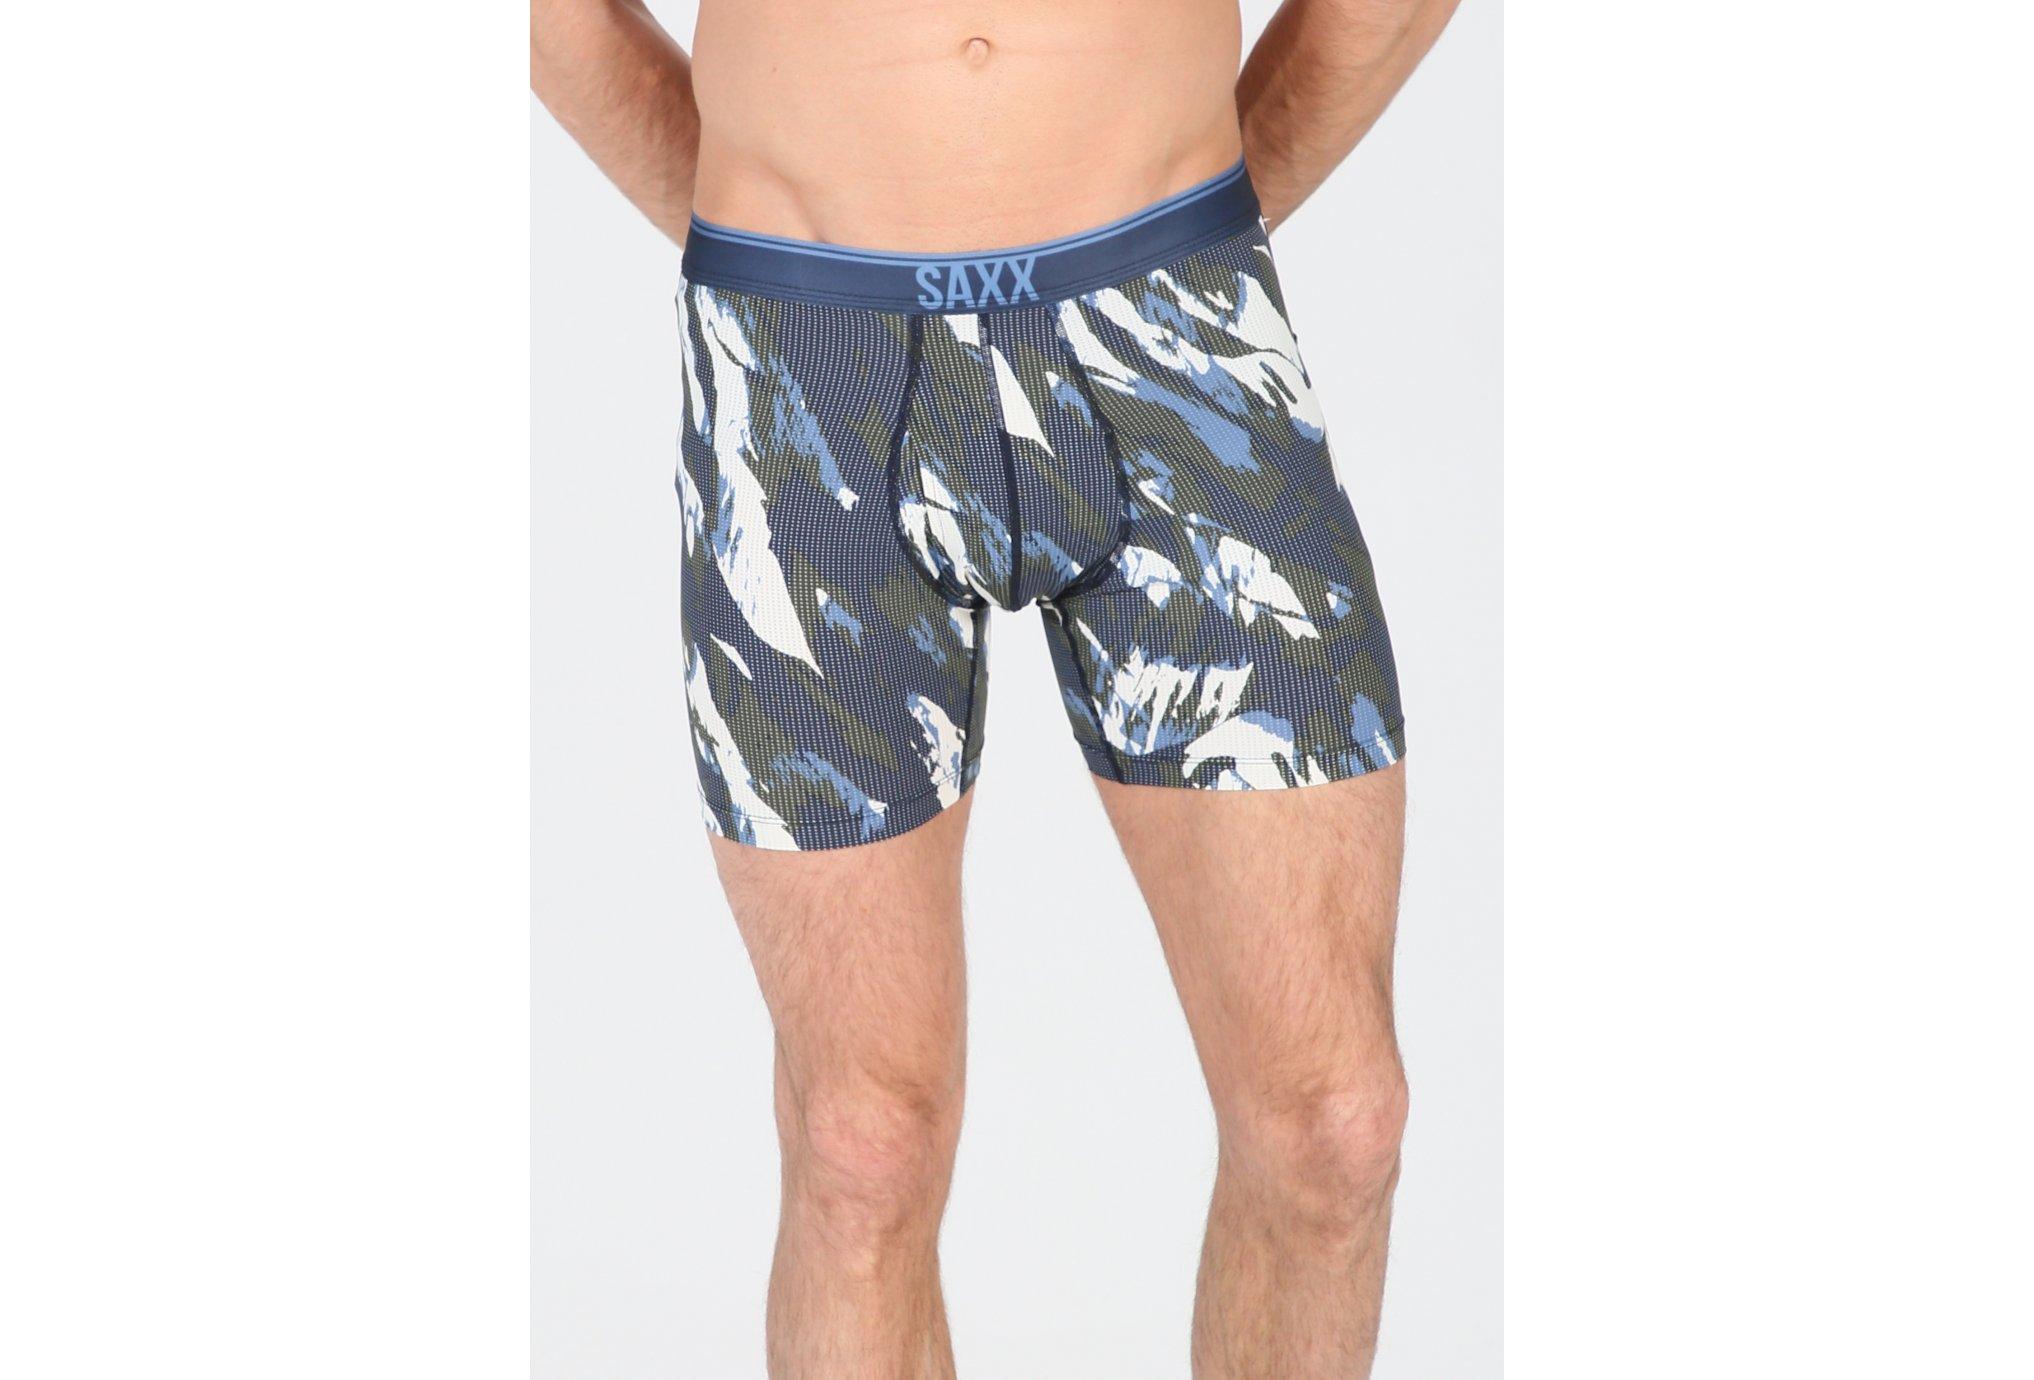 Saxx Quest 2.0 M vêtement running homme